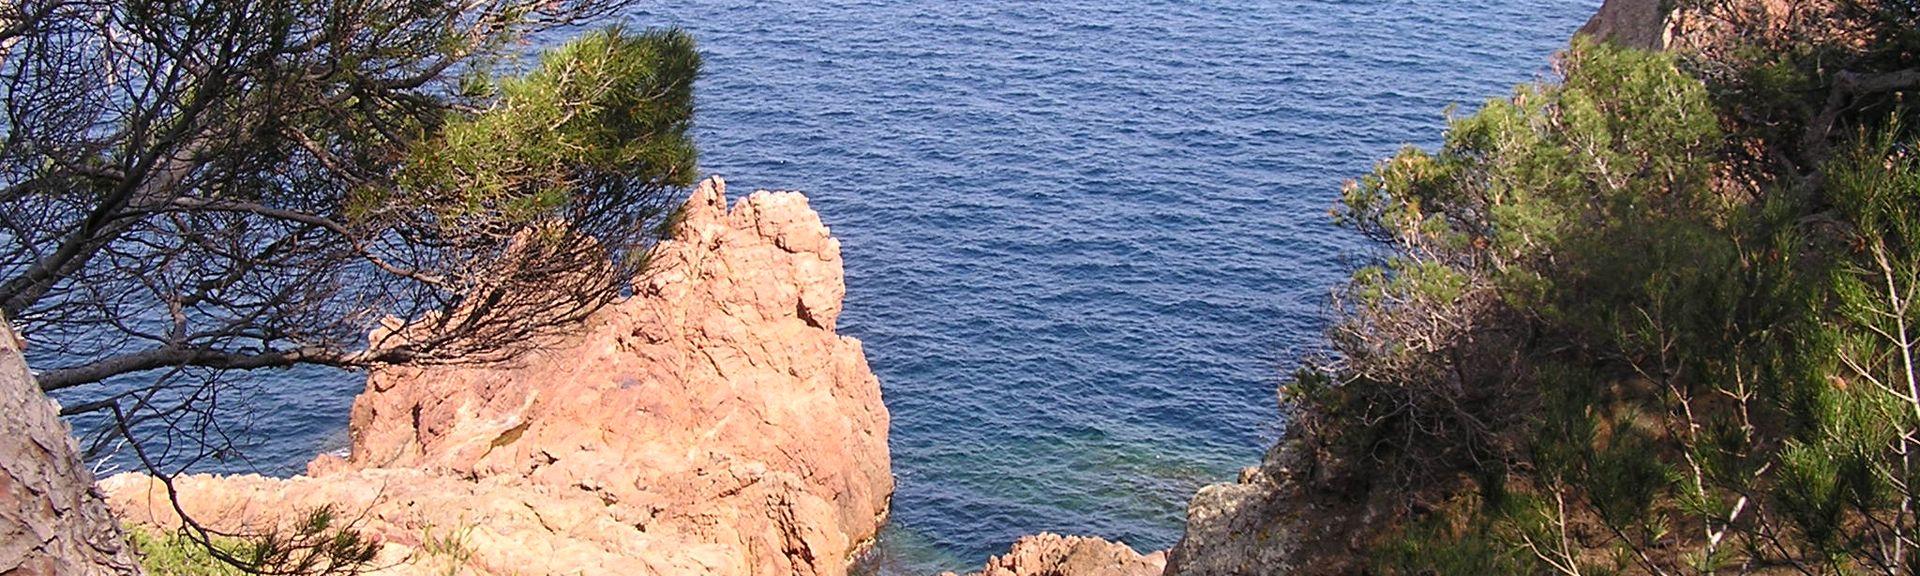 La Napoule, Provence-Alpes-Côte d'Azur, Frankrig